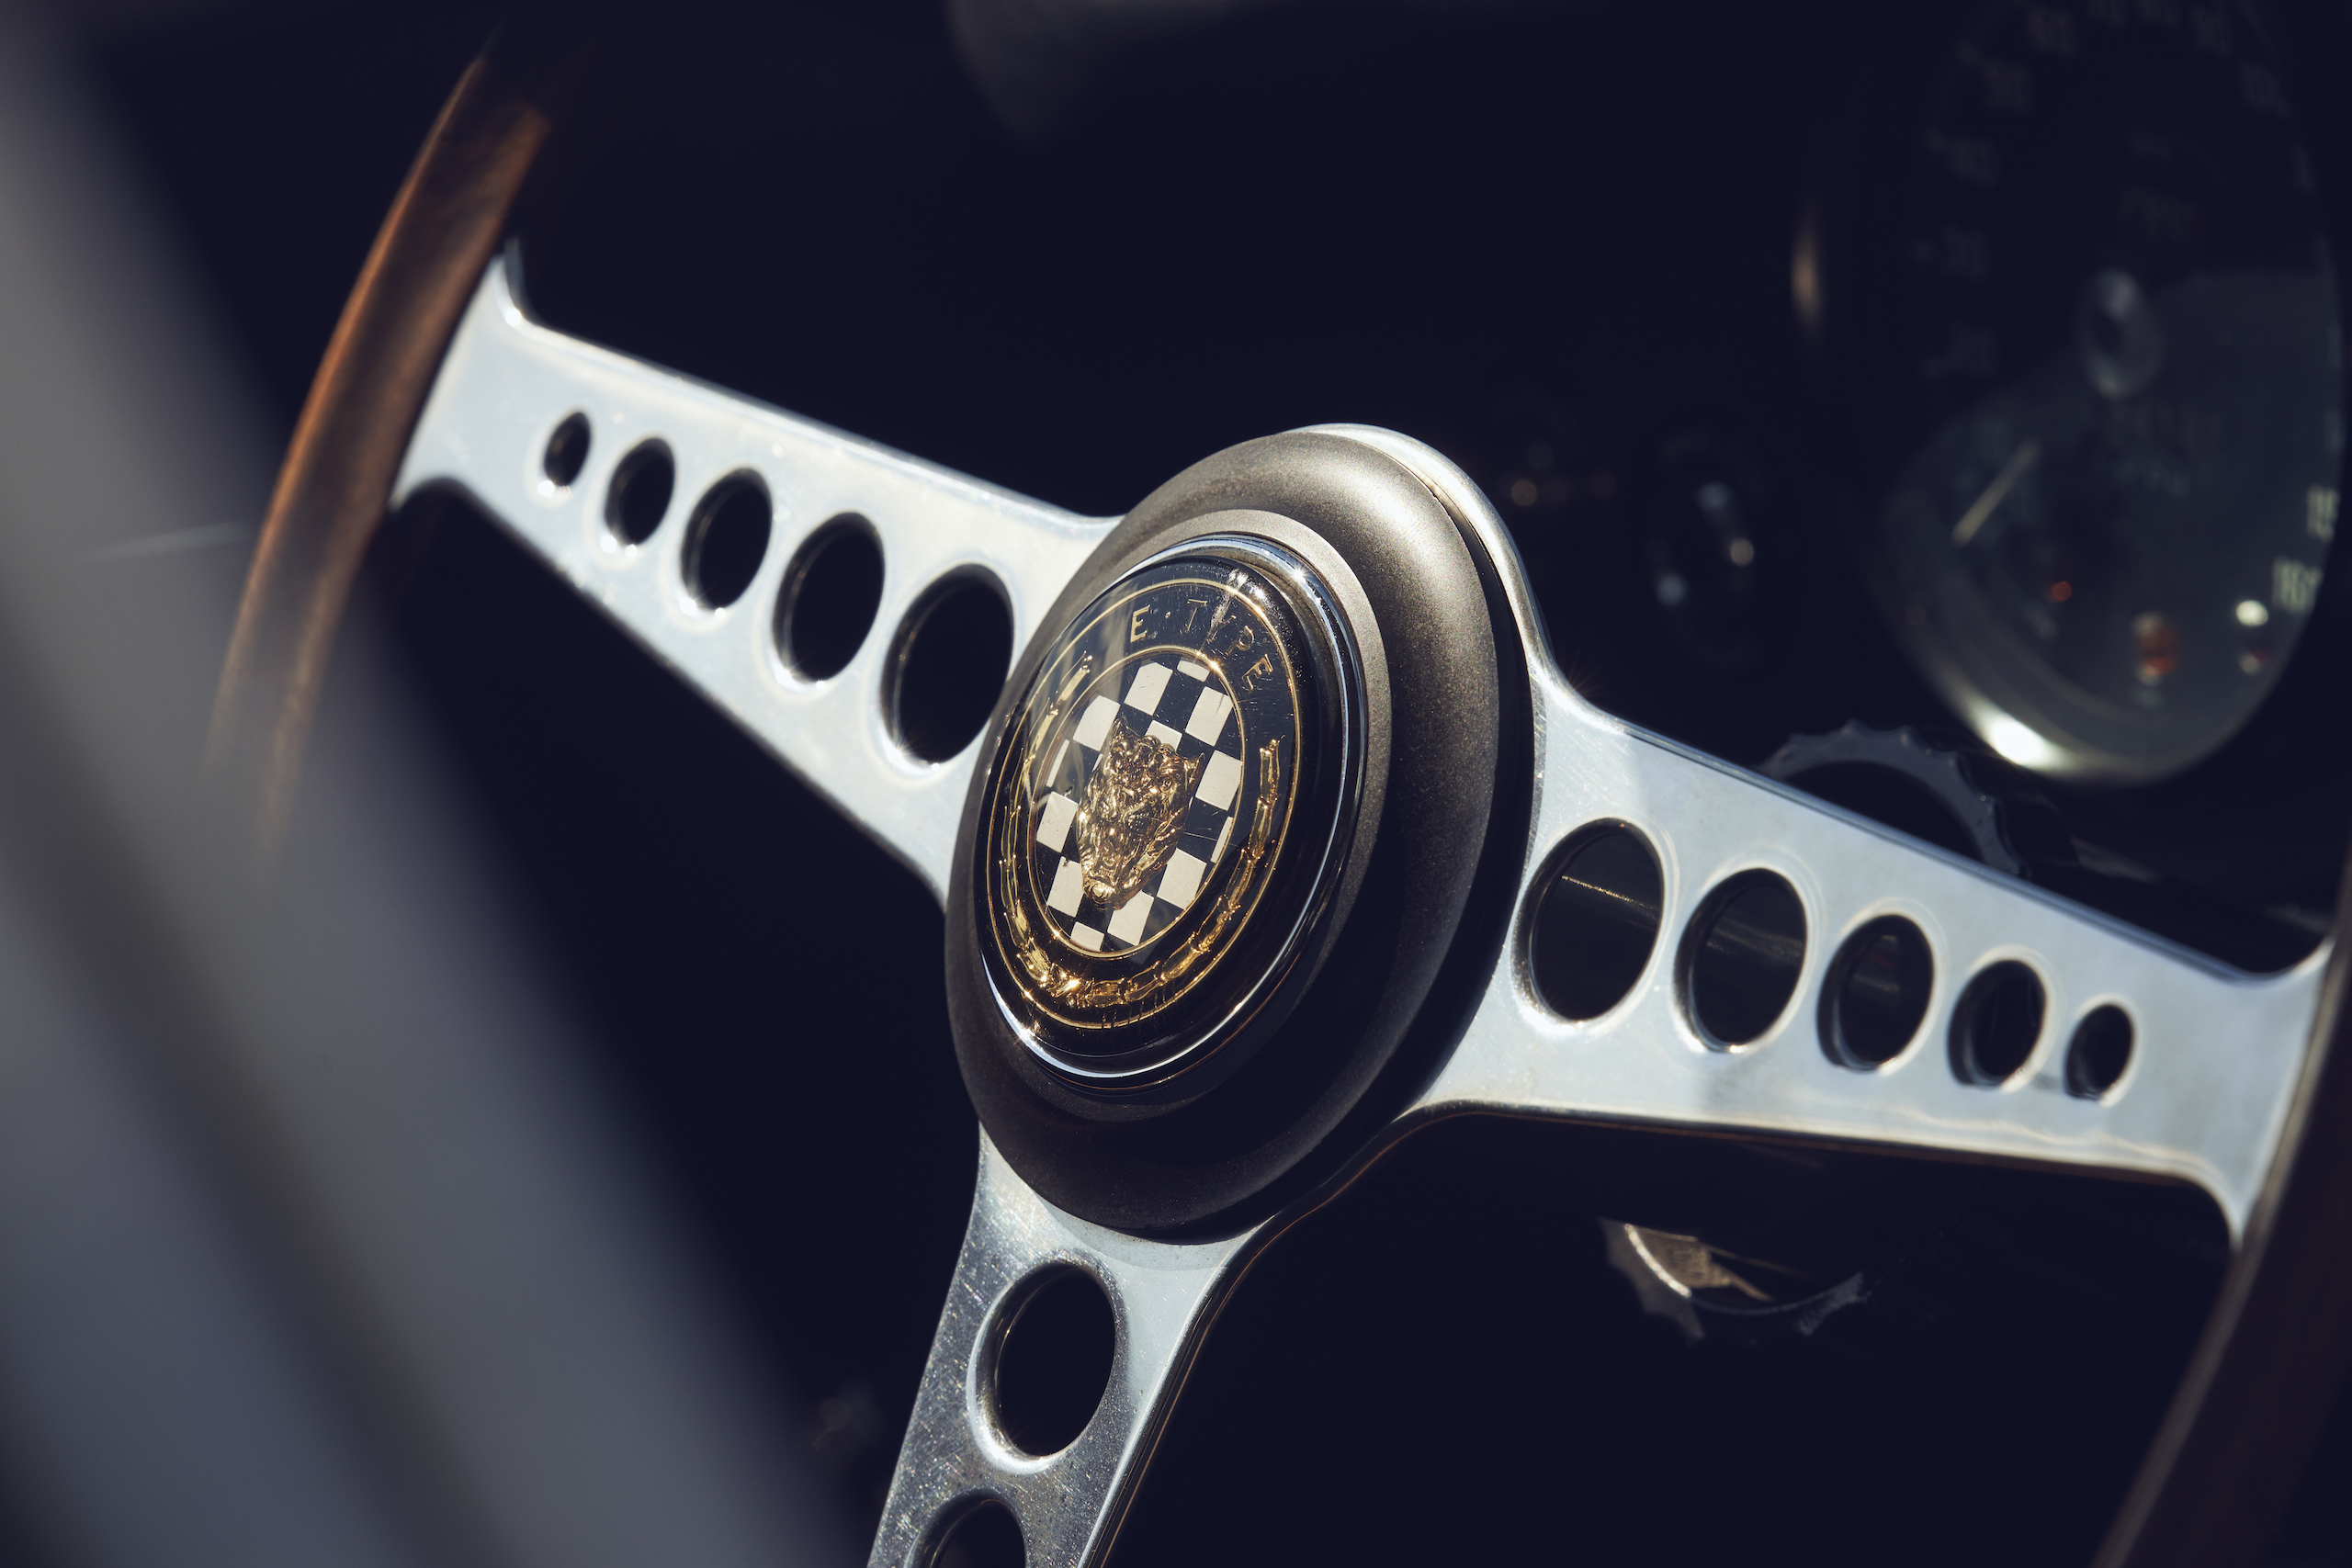 Jaguar E-Type steering wheel center detail